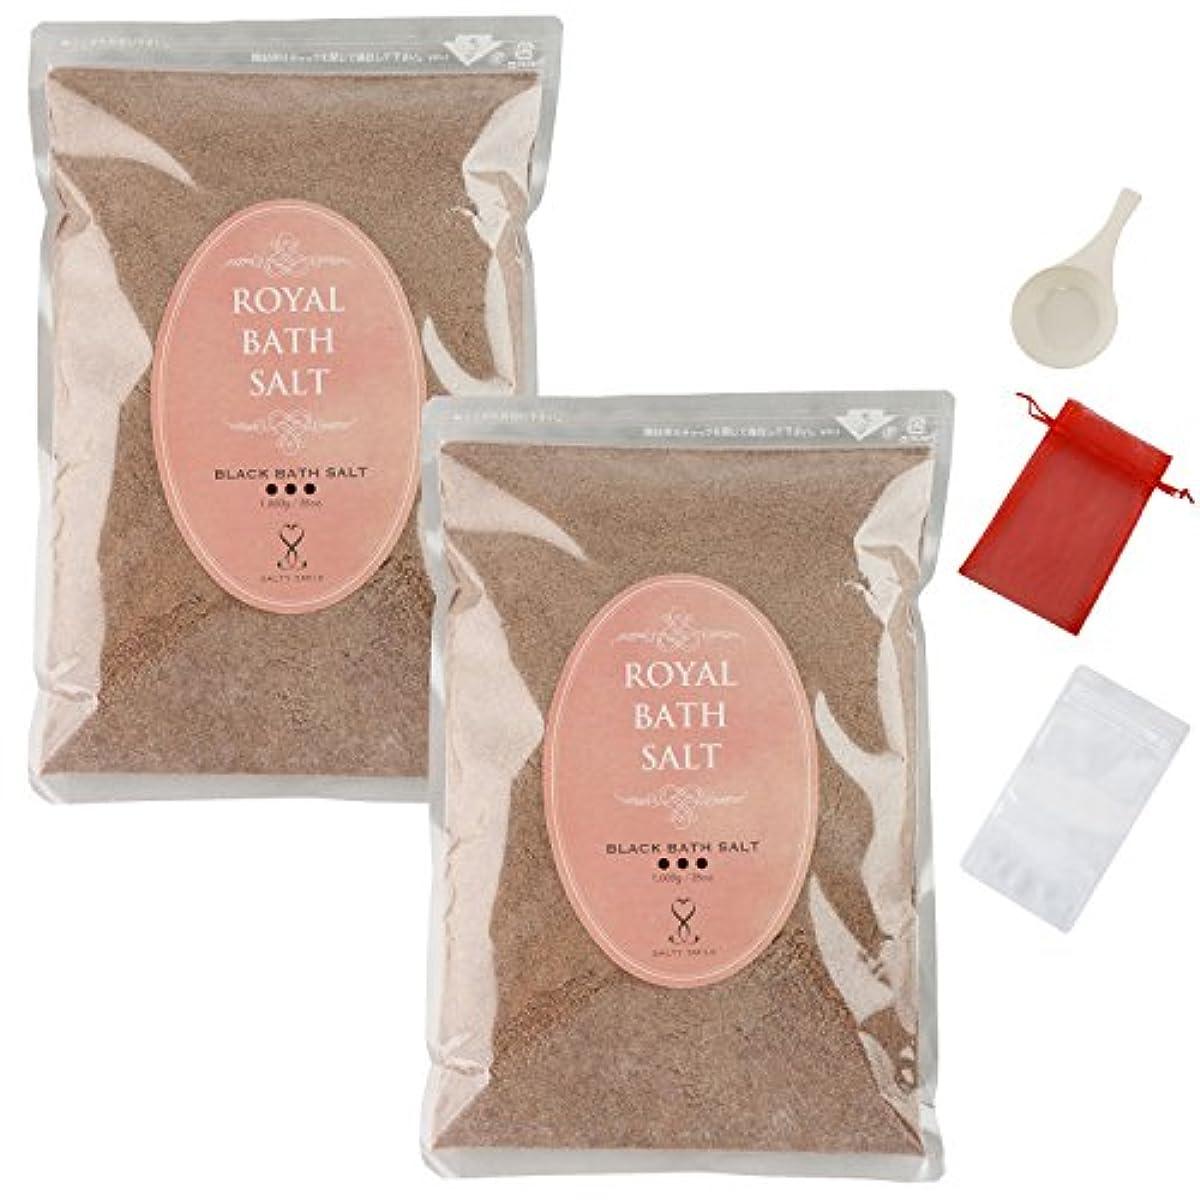 十分な糞役に立たないロイヤルバスソルト ブラックパウダー 岩塩 ROYAL BATH SALT (2,000g【2㎏】)